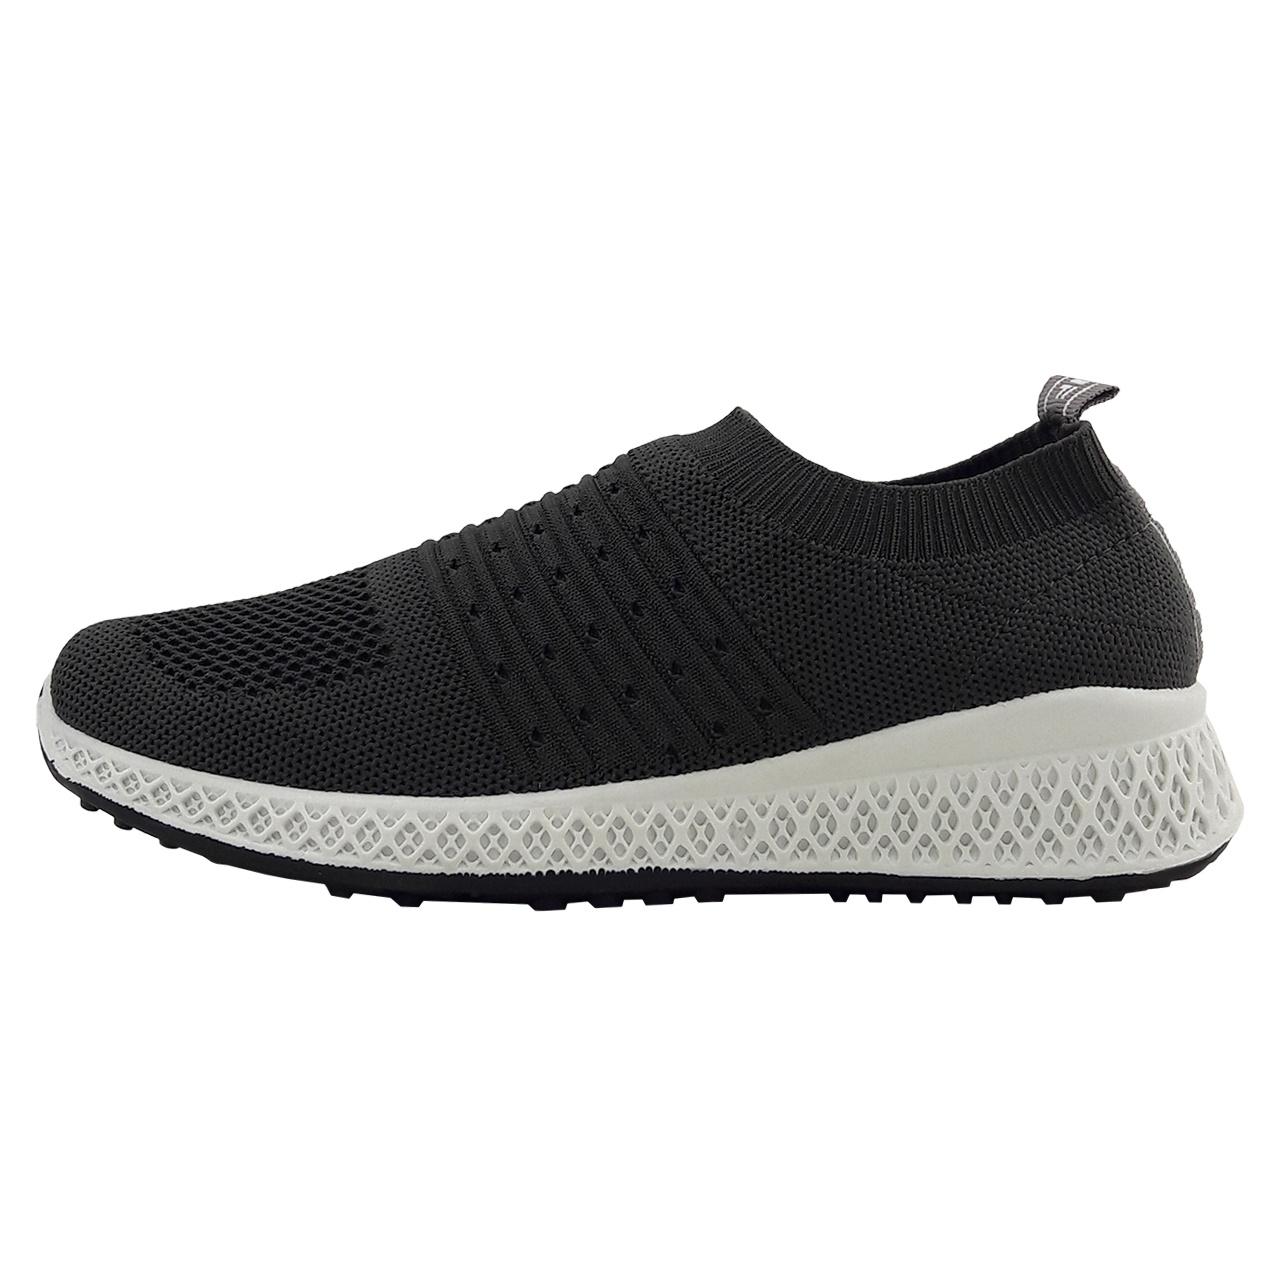 کفش راحتی زنانه مدل Fashion.comfort.bft-gry-01